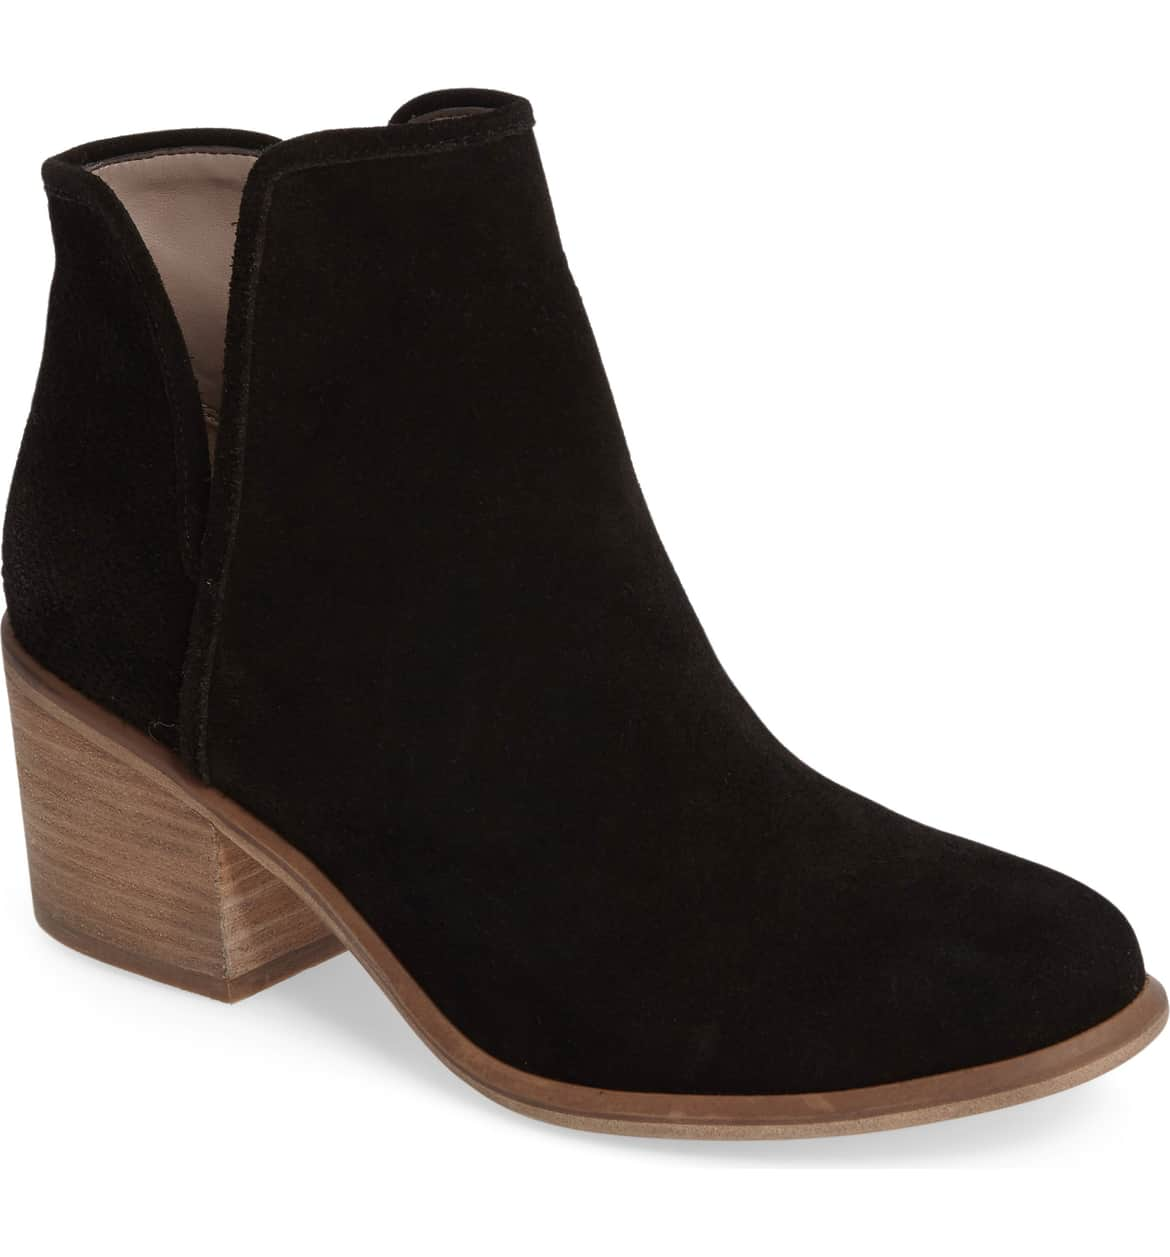 Block Heel Booties Are Under $100